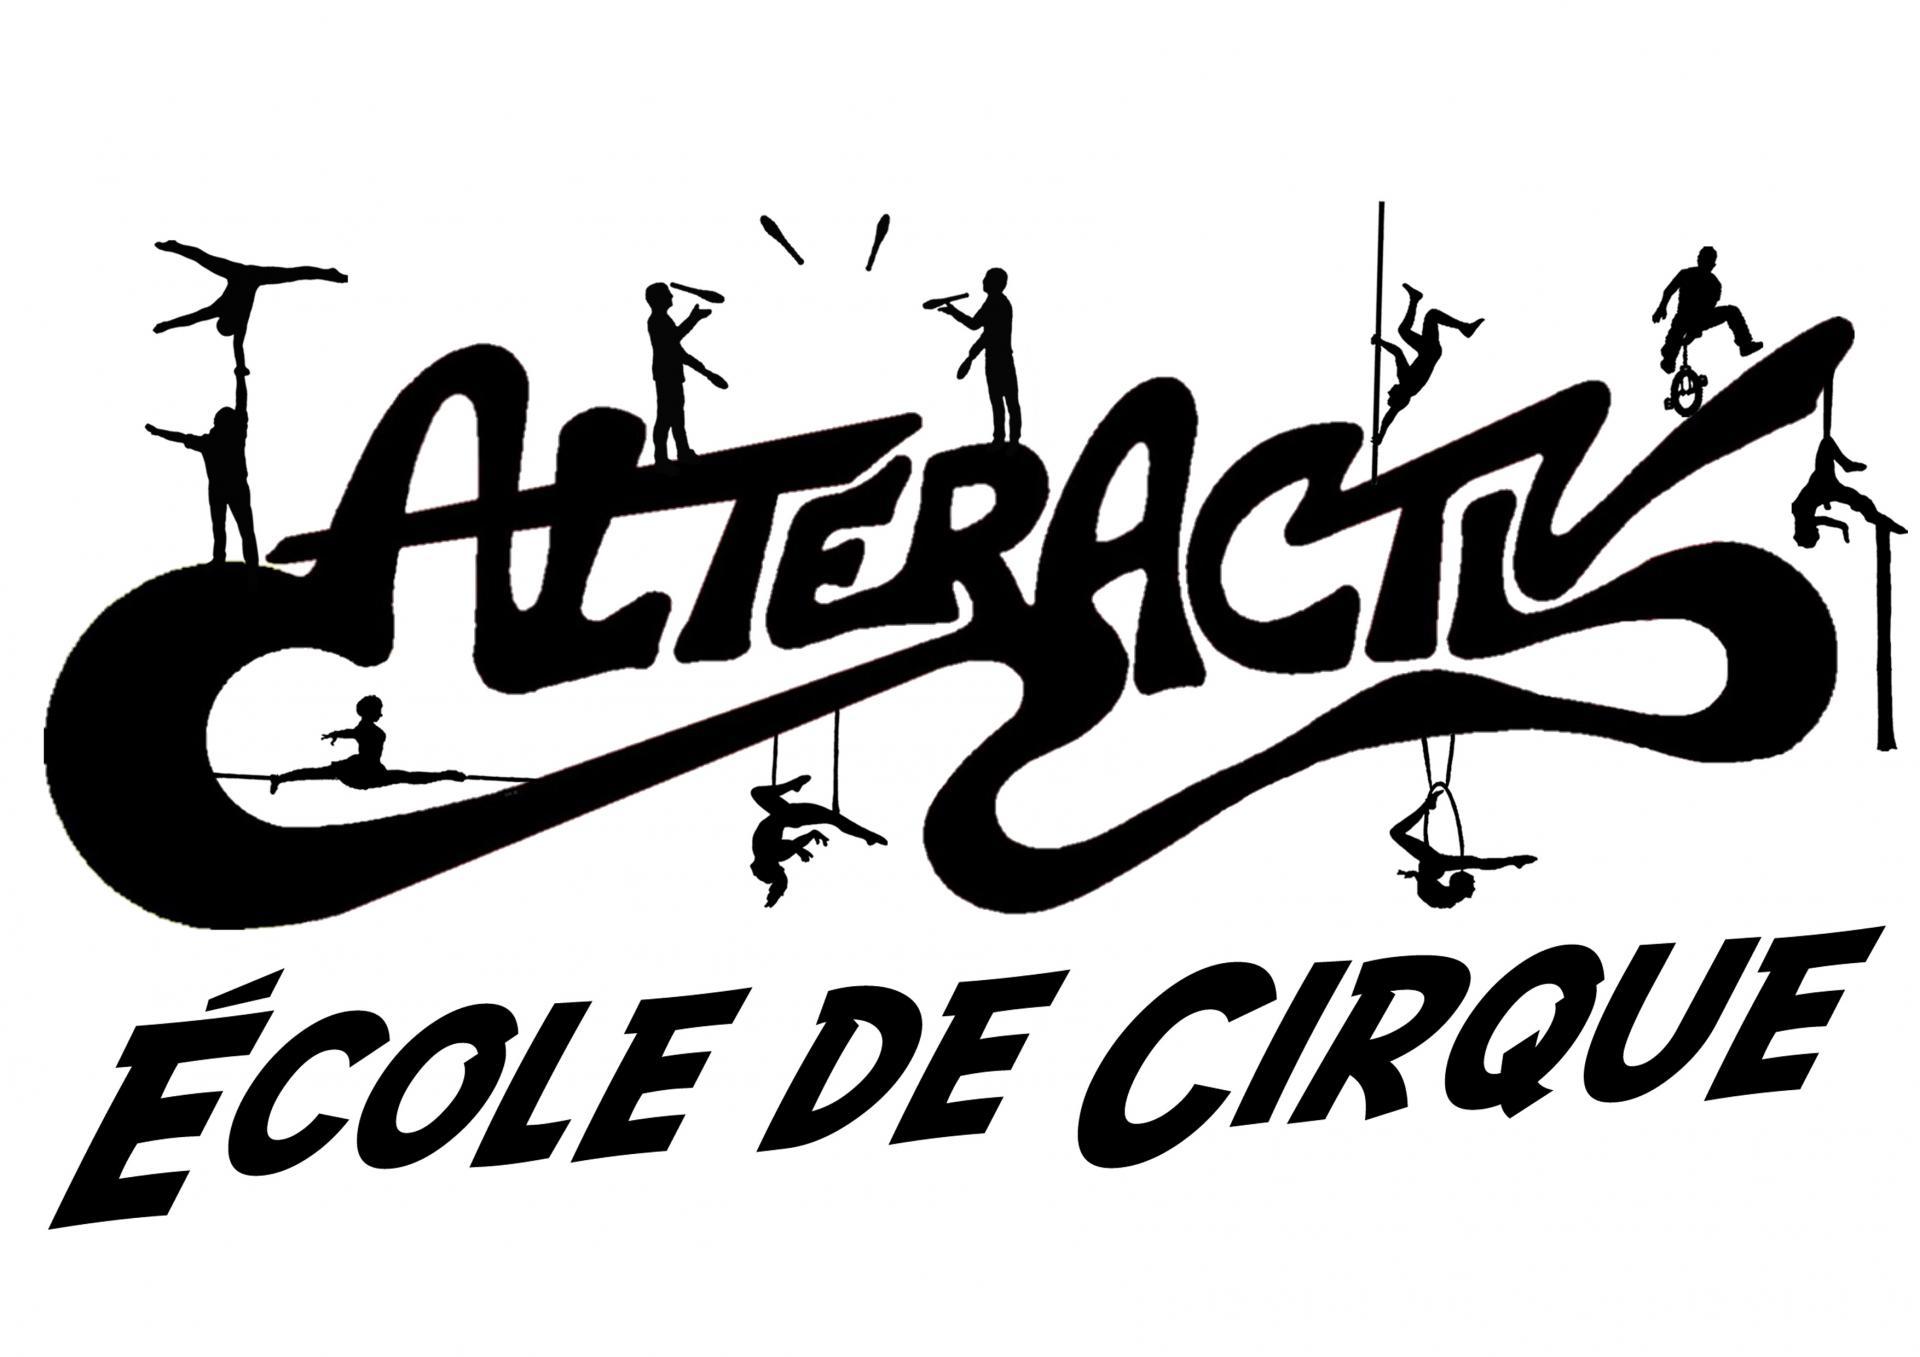 Alteractiv ecole de cirque logo